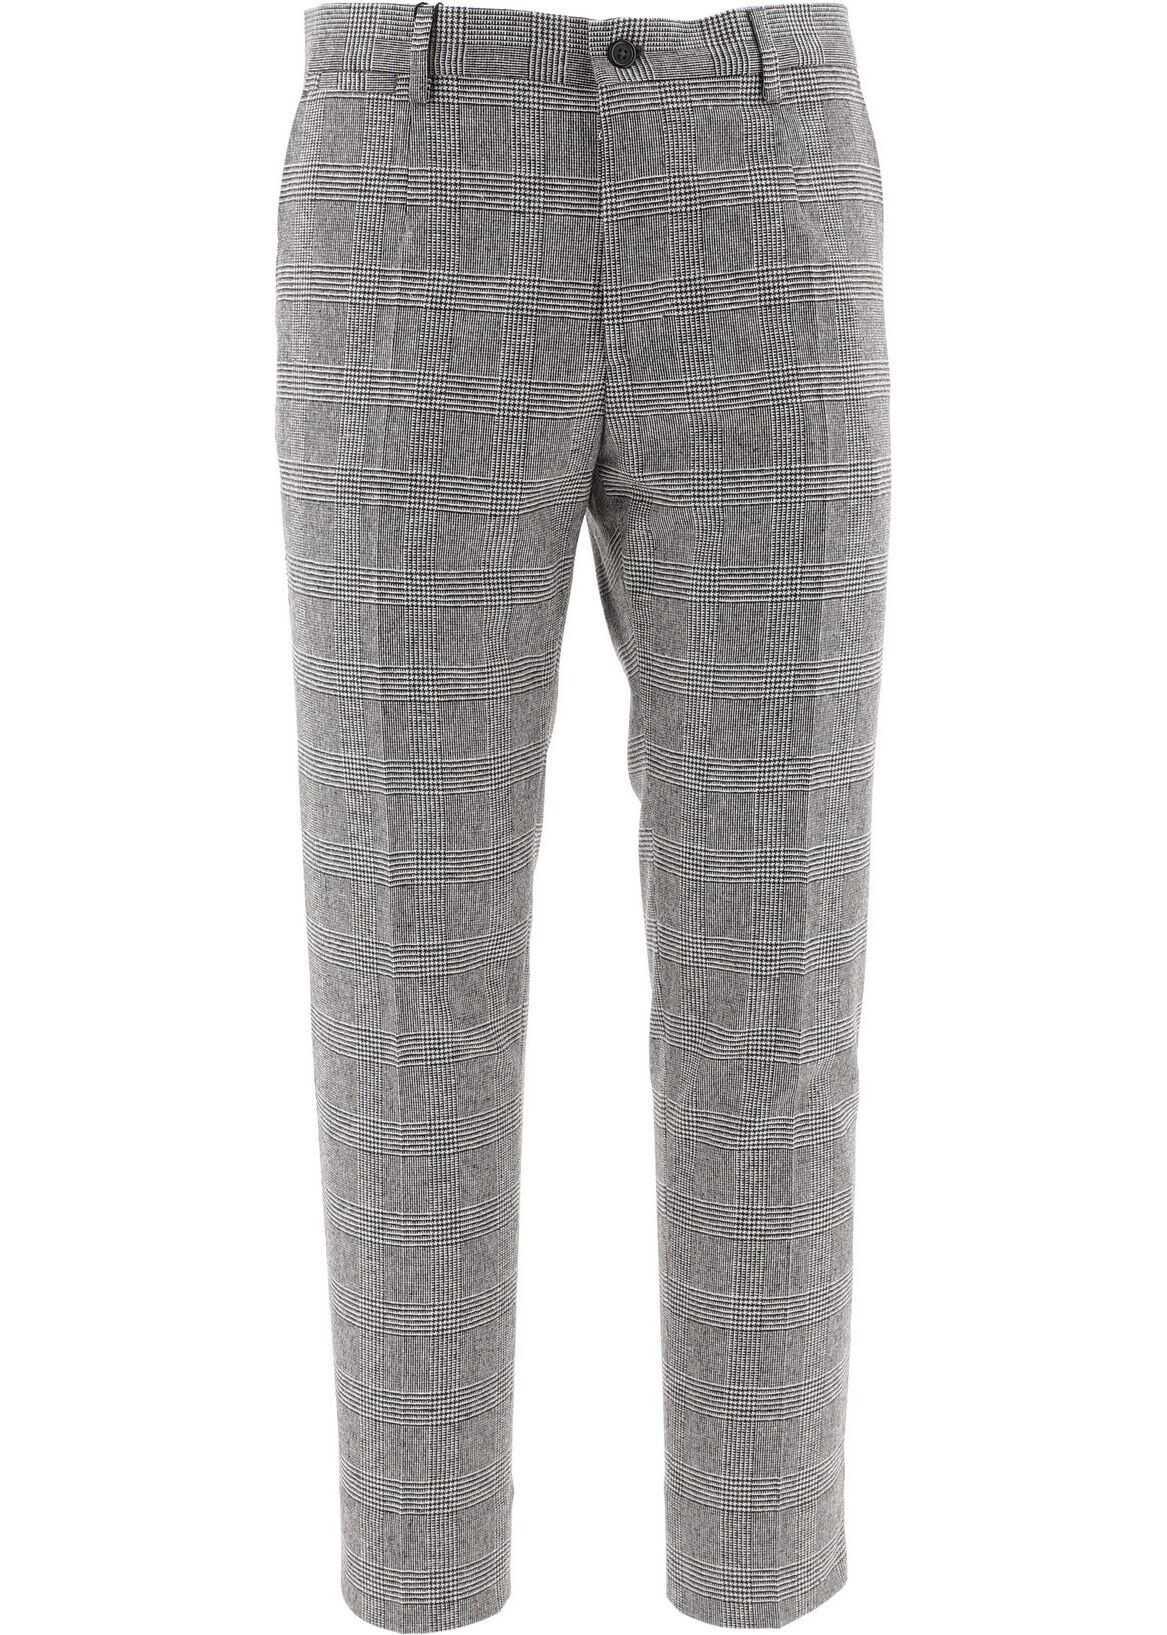 Dolce & Gabbana Wool Pants GREY